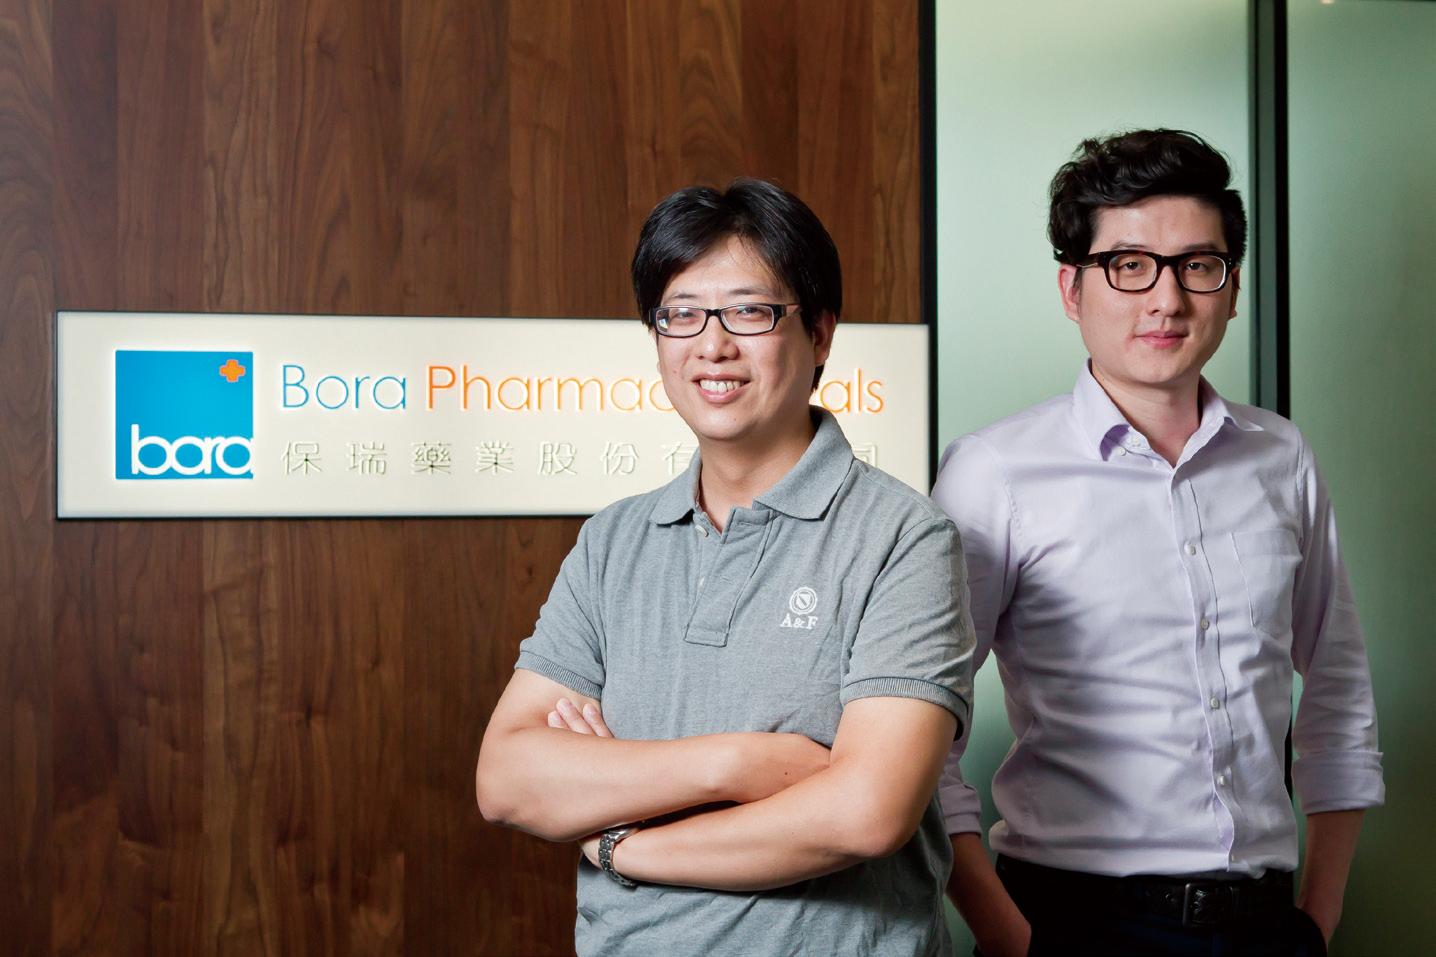 保瑞藥業資訊部經理吳柏松(左)與資訊部技術副理徐鳳翔。